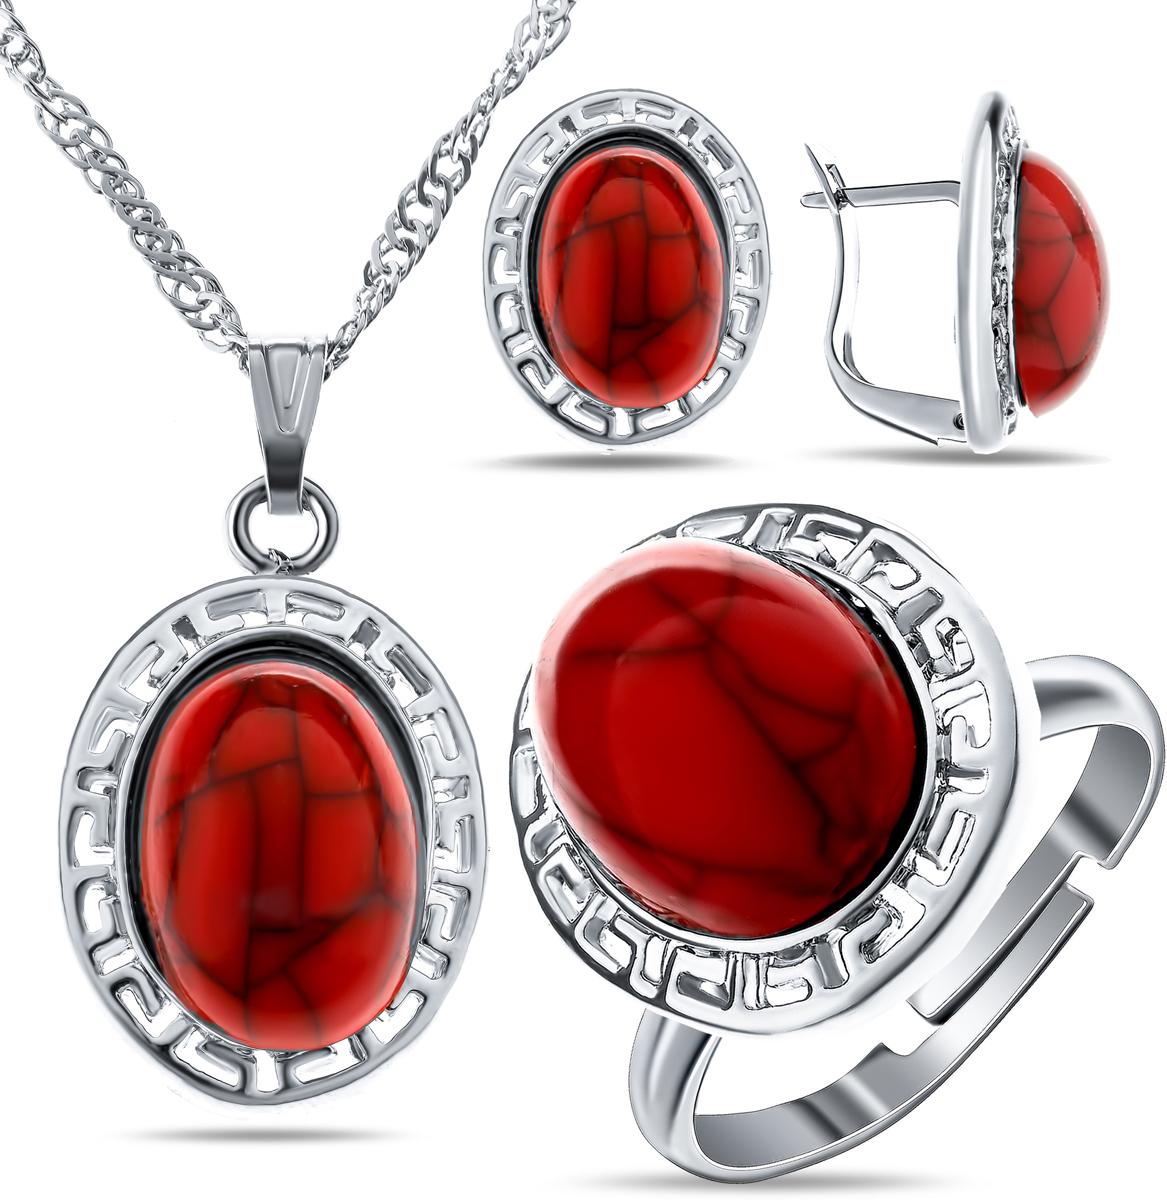 Комплект украшений Teosa: колье, серьги, кольцо, цвет: красный, серебристый. T-SET-140